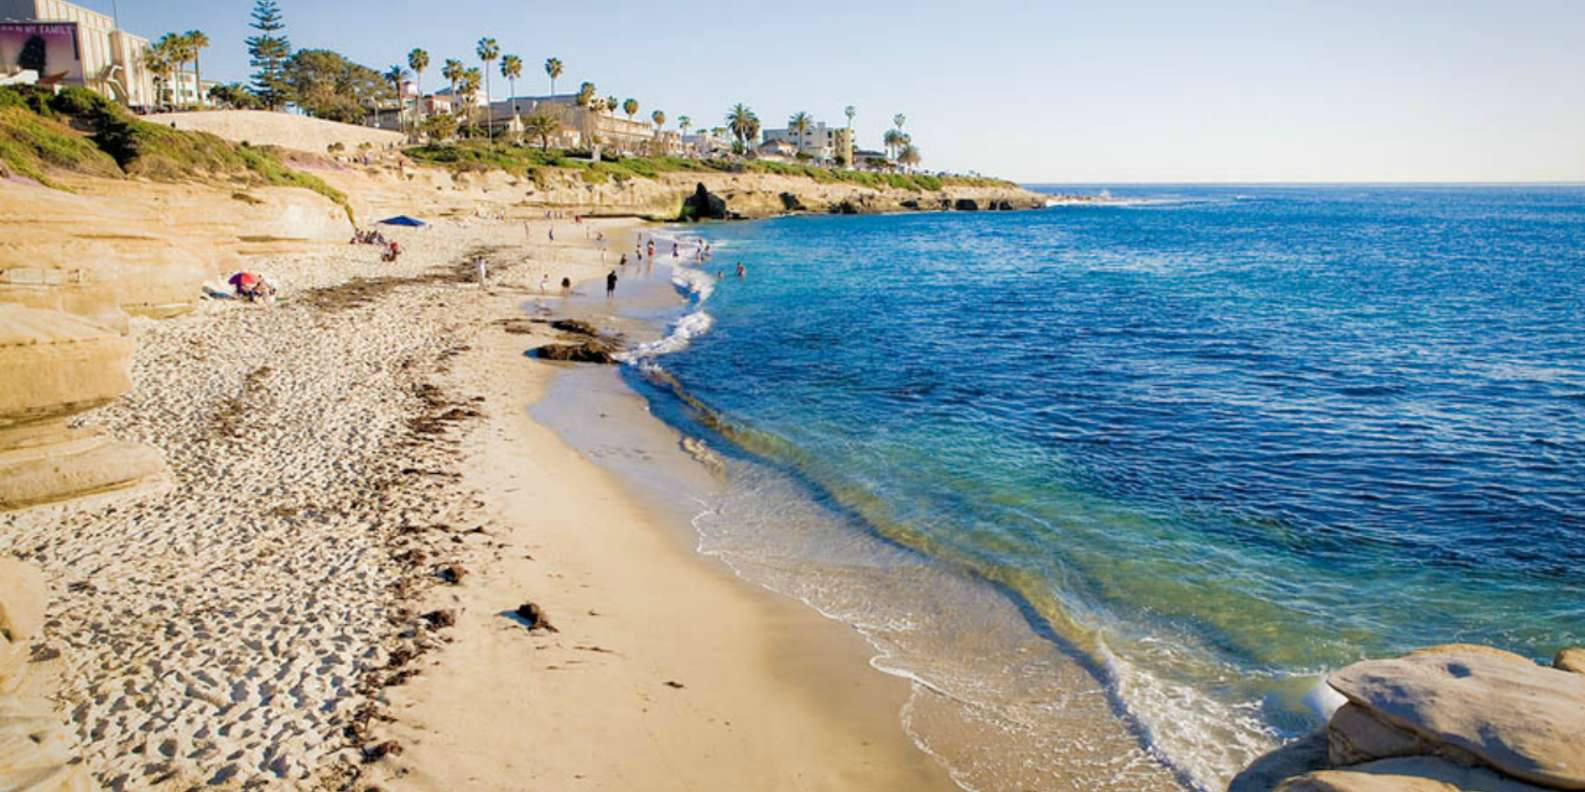 Discover La Jolla Cove